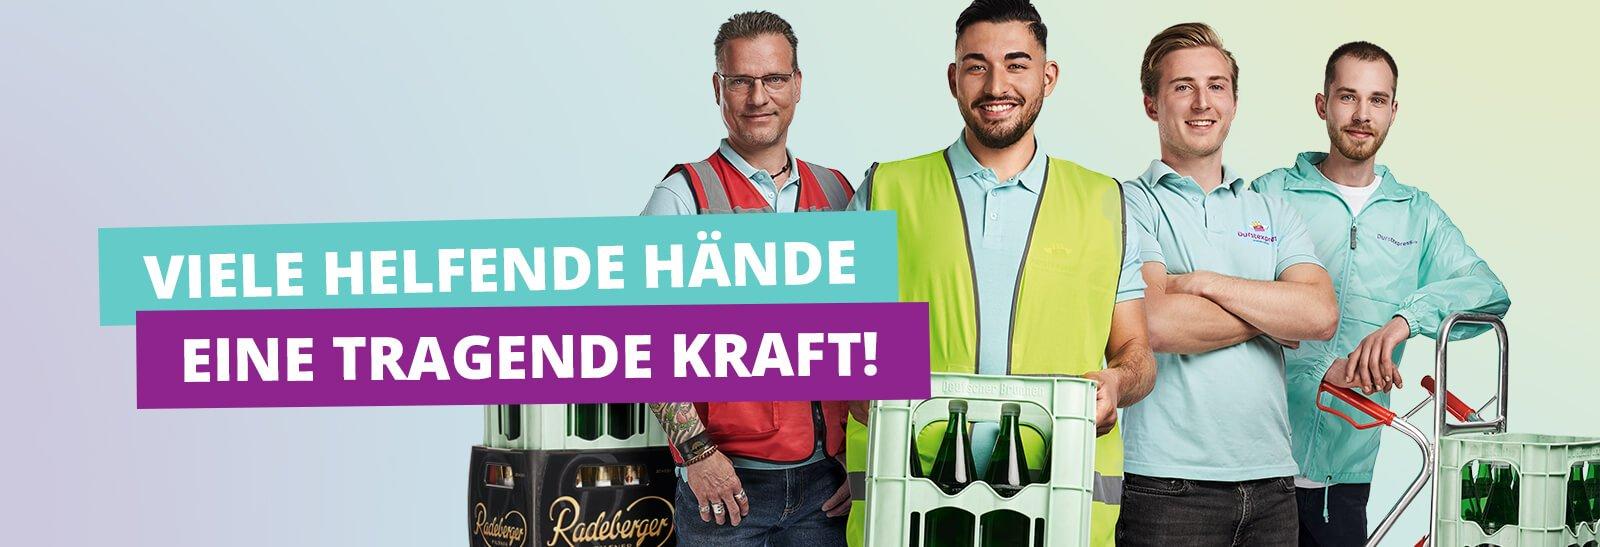 [Lokal] [Augsburg] Durstexpress - Zwei Kästen Hacker Pschorr Hell für 18,70€